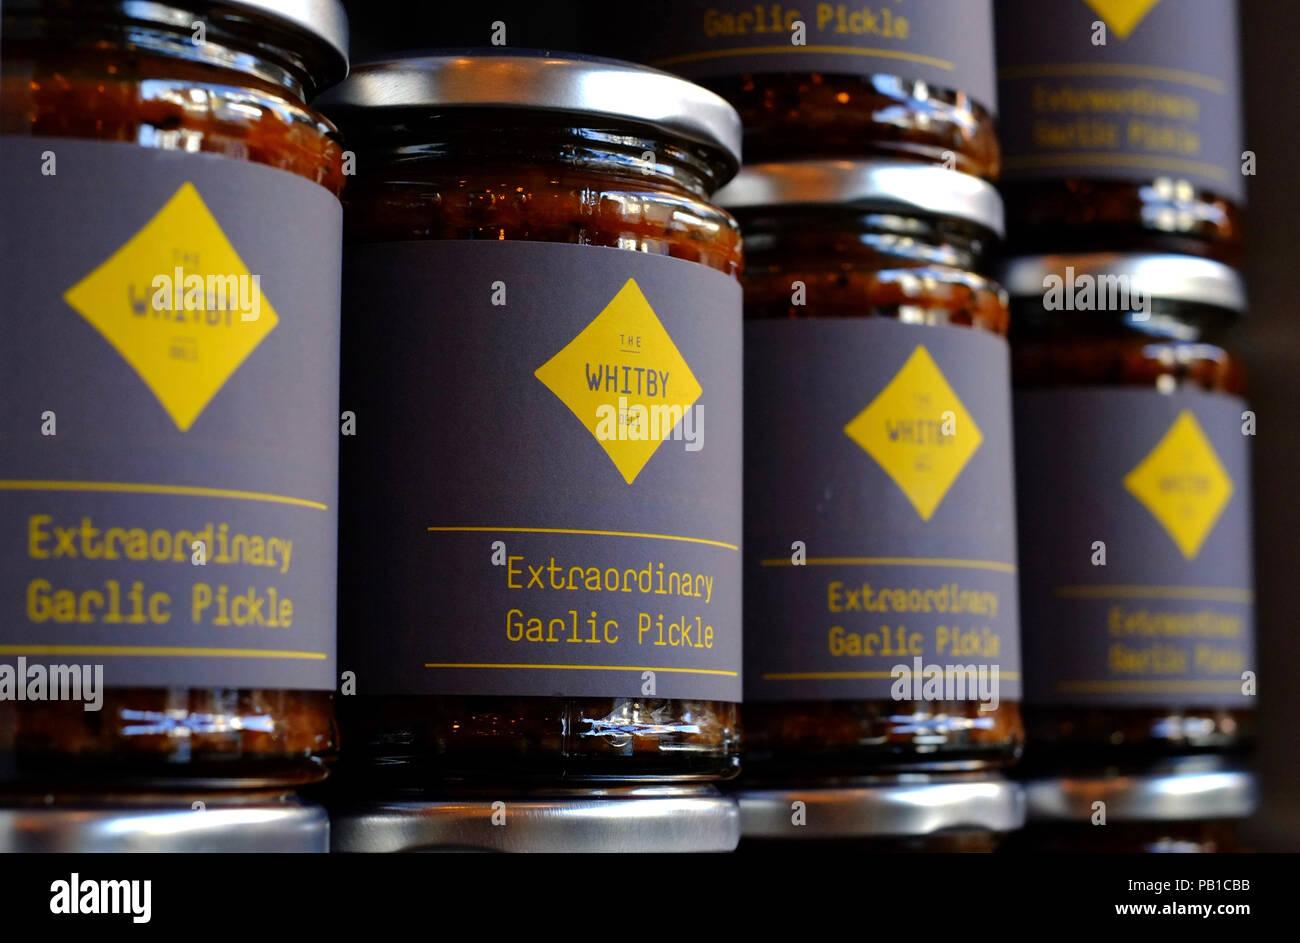 Deli Pickle Stockfotos & Deli Pickle Bilder - Alamy